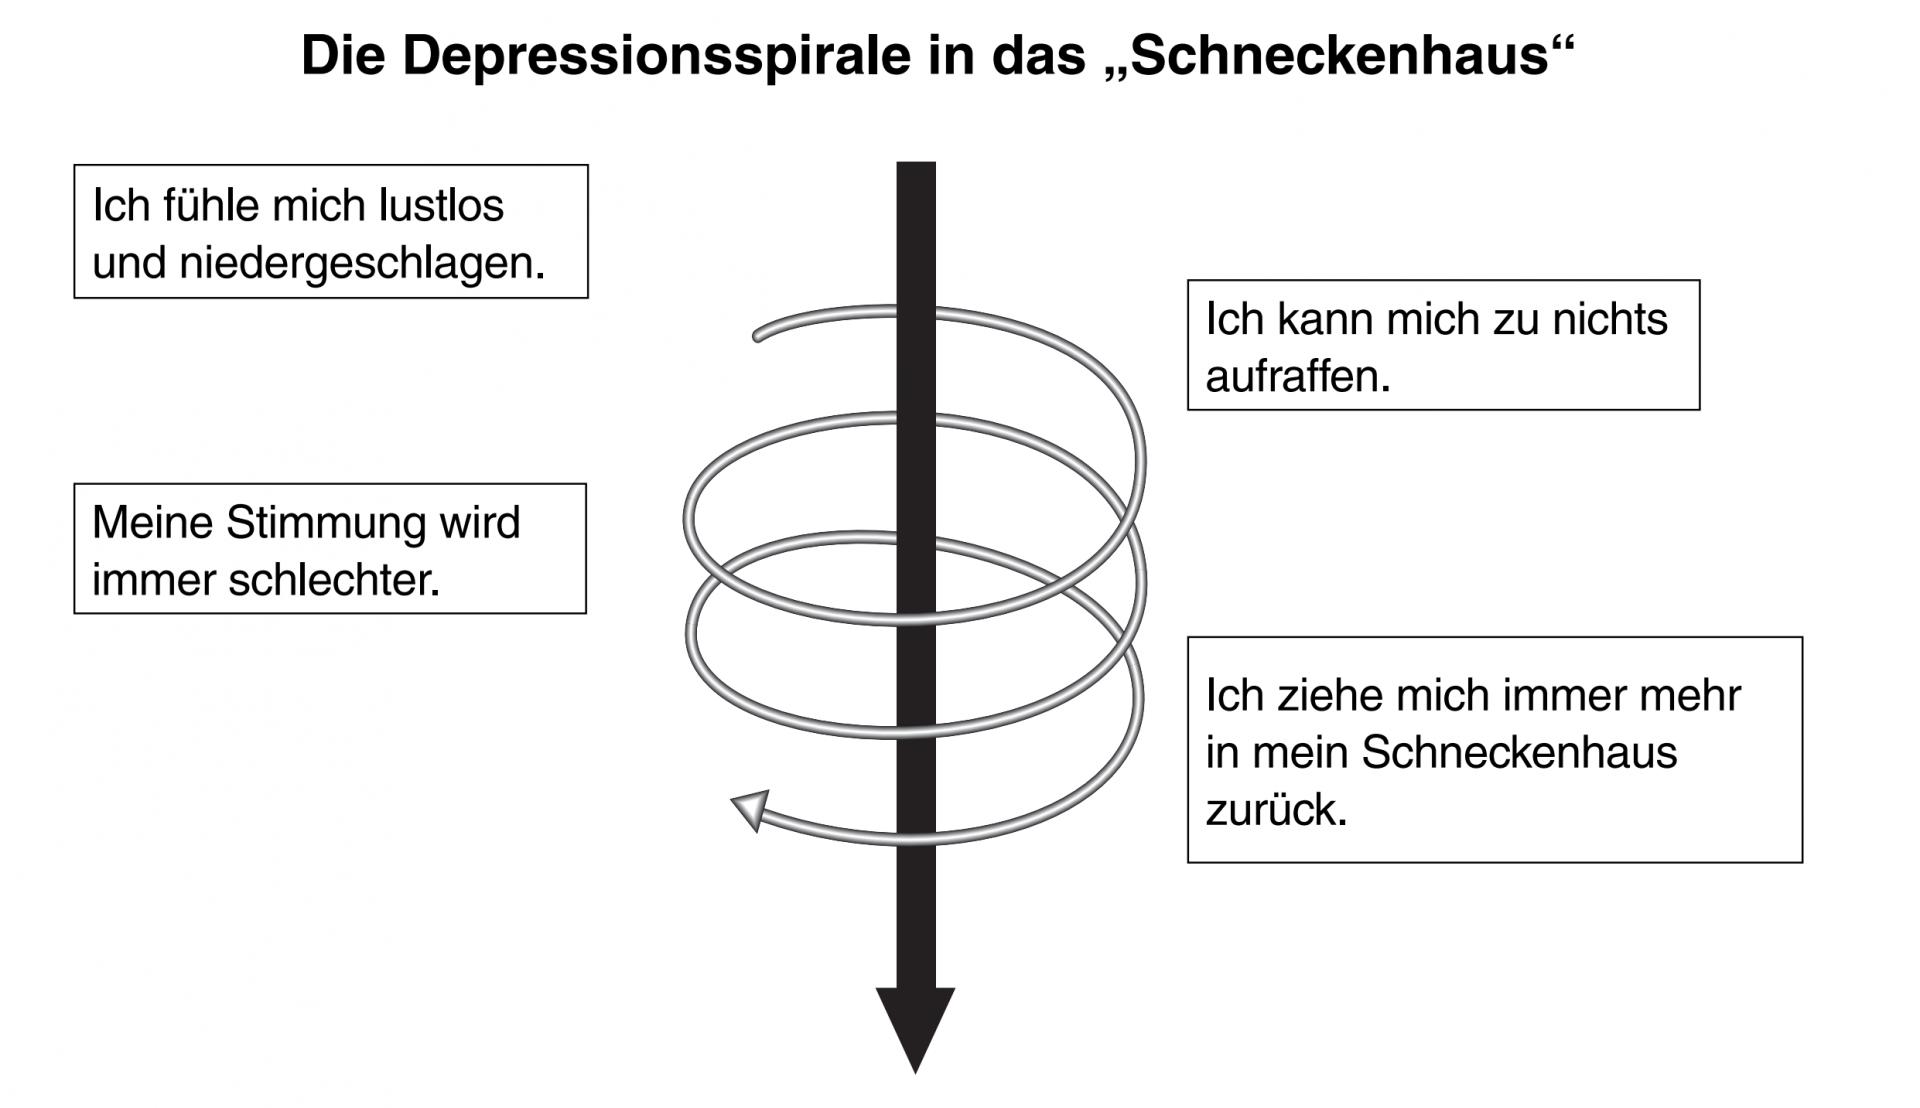 """Die Depressionsspirale in das """"Schneckenhaus"""""""